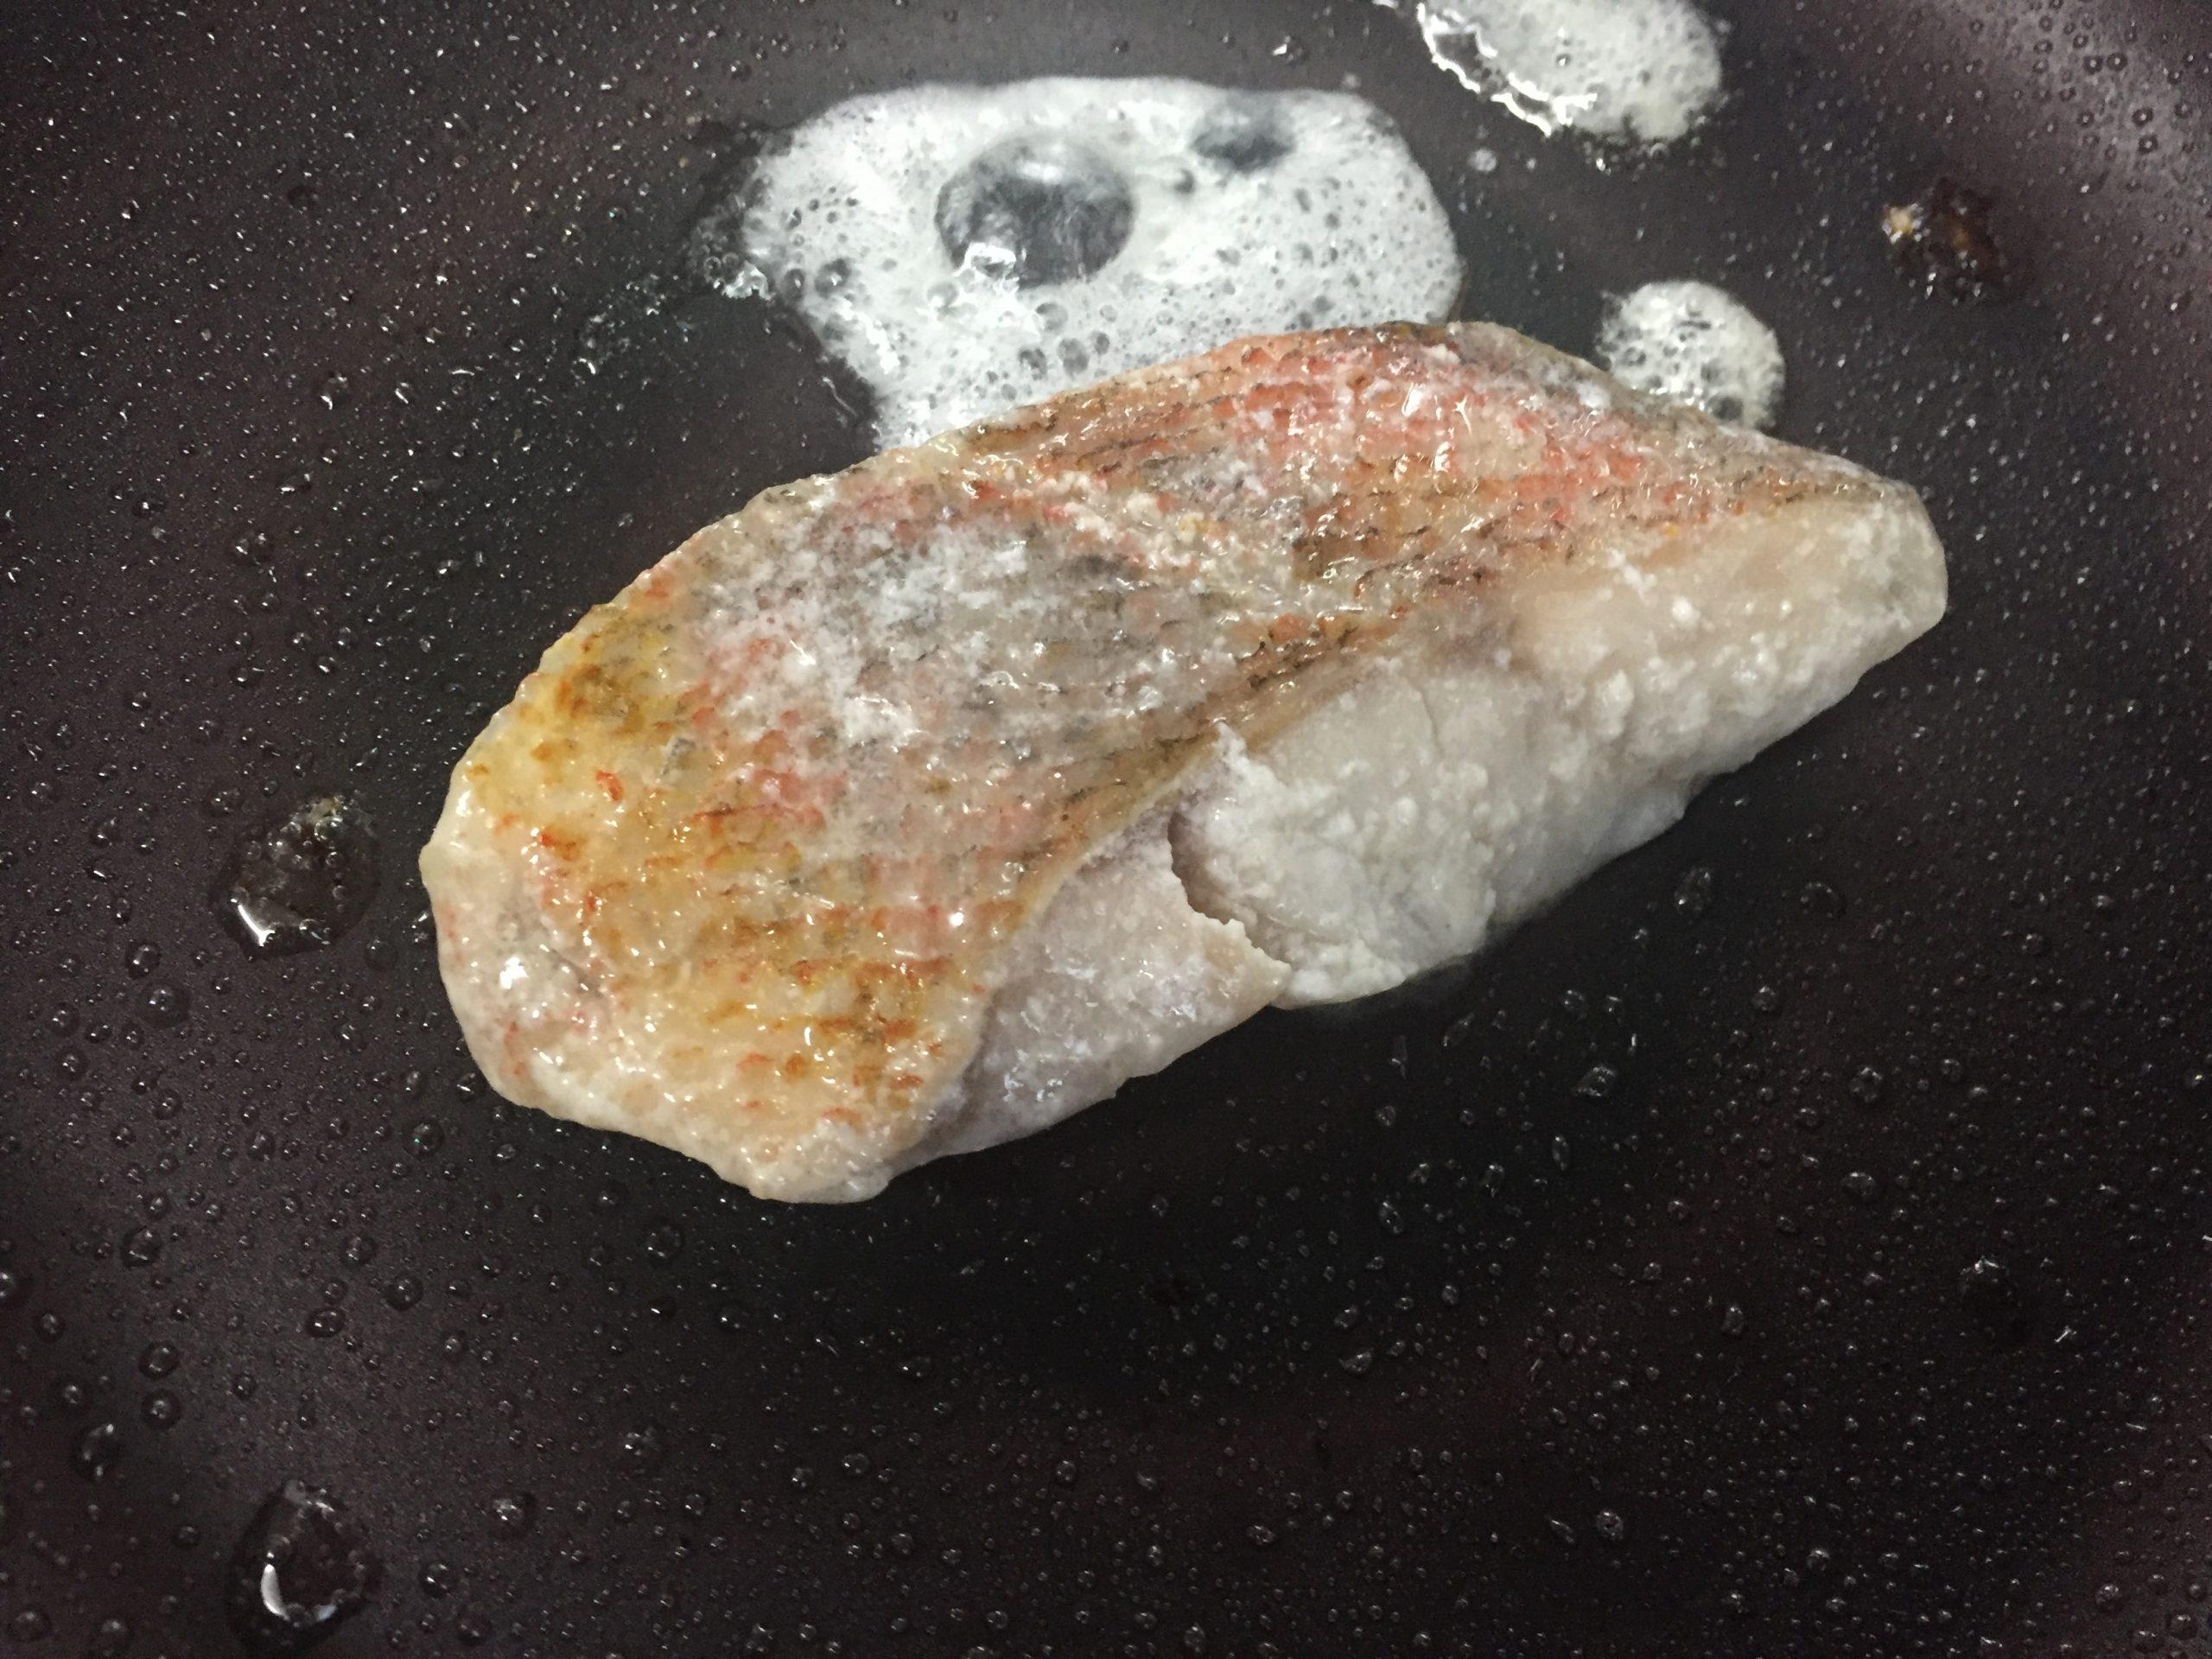 赤魚の粕漬焼きを焼いているところ